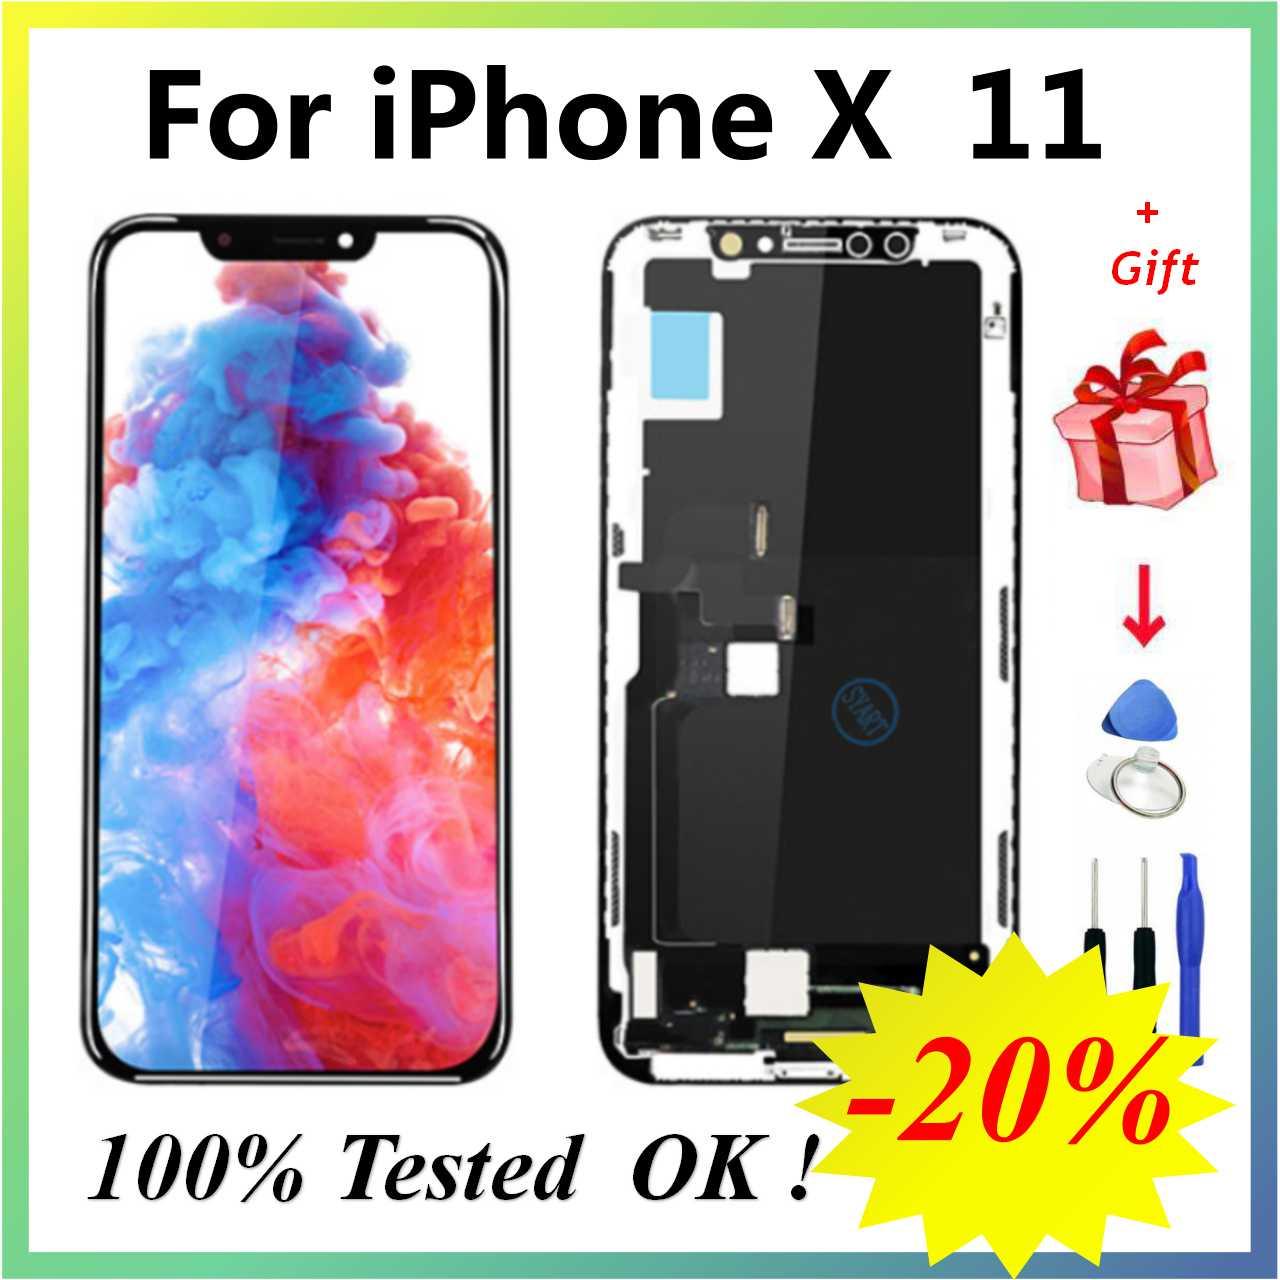 ЖК-дисплей Pantalla для iPhone X ЖК-дисплей OLED для iPhone X XS ЖК-дисплей сенсорный экран дигитайзер сборка для iPhoneX 11 XS Max XR